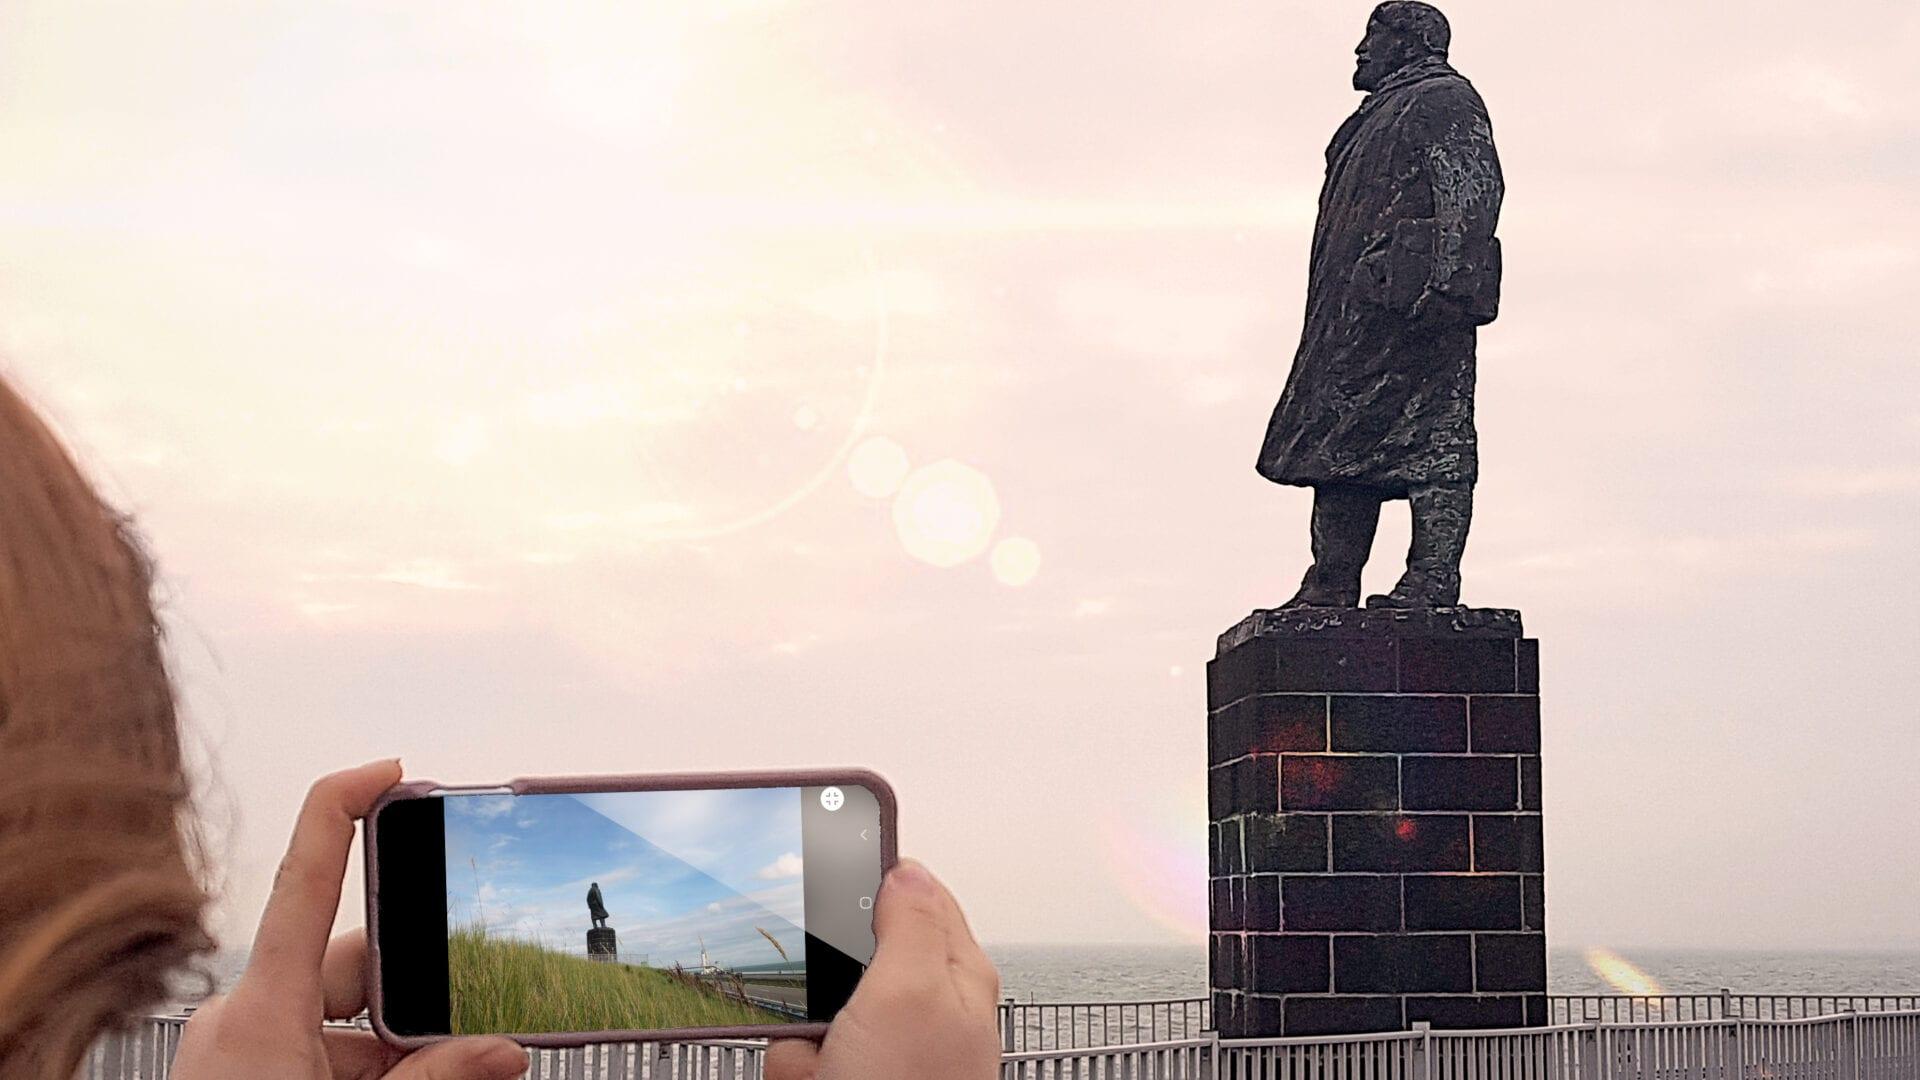 Op deze foto zie je een vrouw een telefoon vasthouden, ze staat voor het standbeeld van Lely.